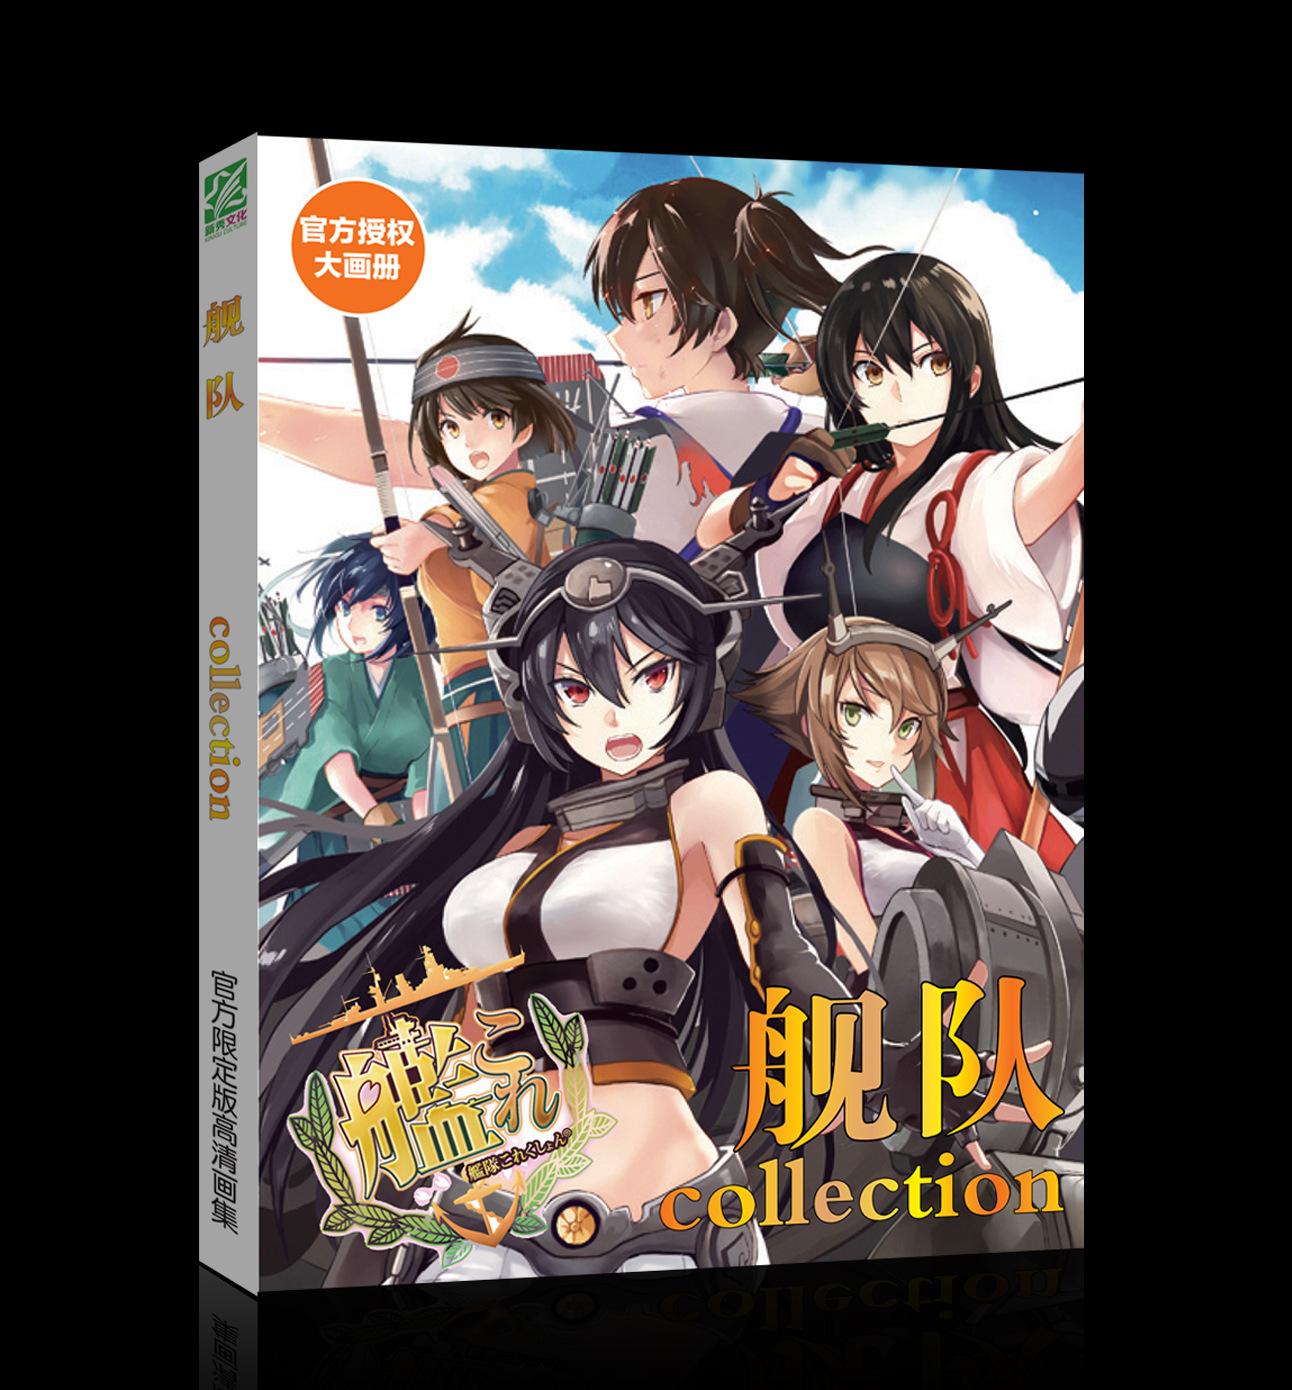 动漫画册 漫展周边 舰队collection动漫高清画册 大16K画册批发